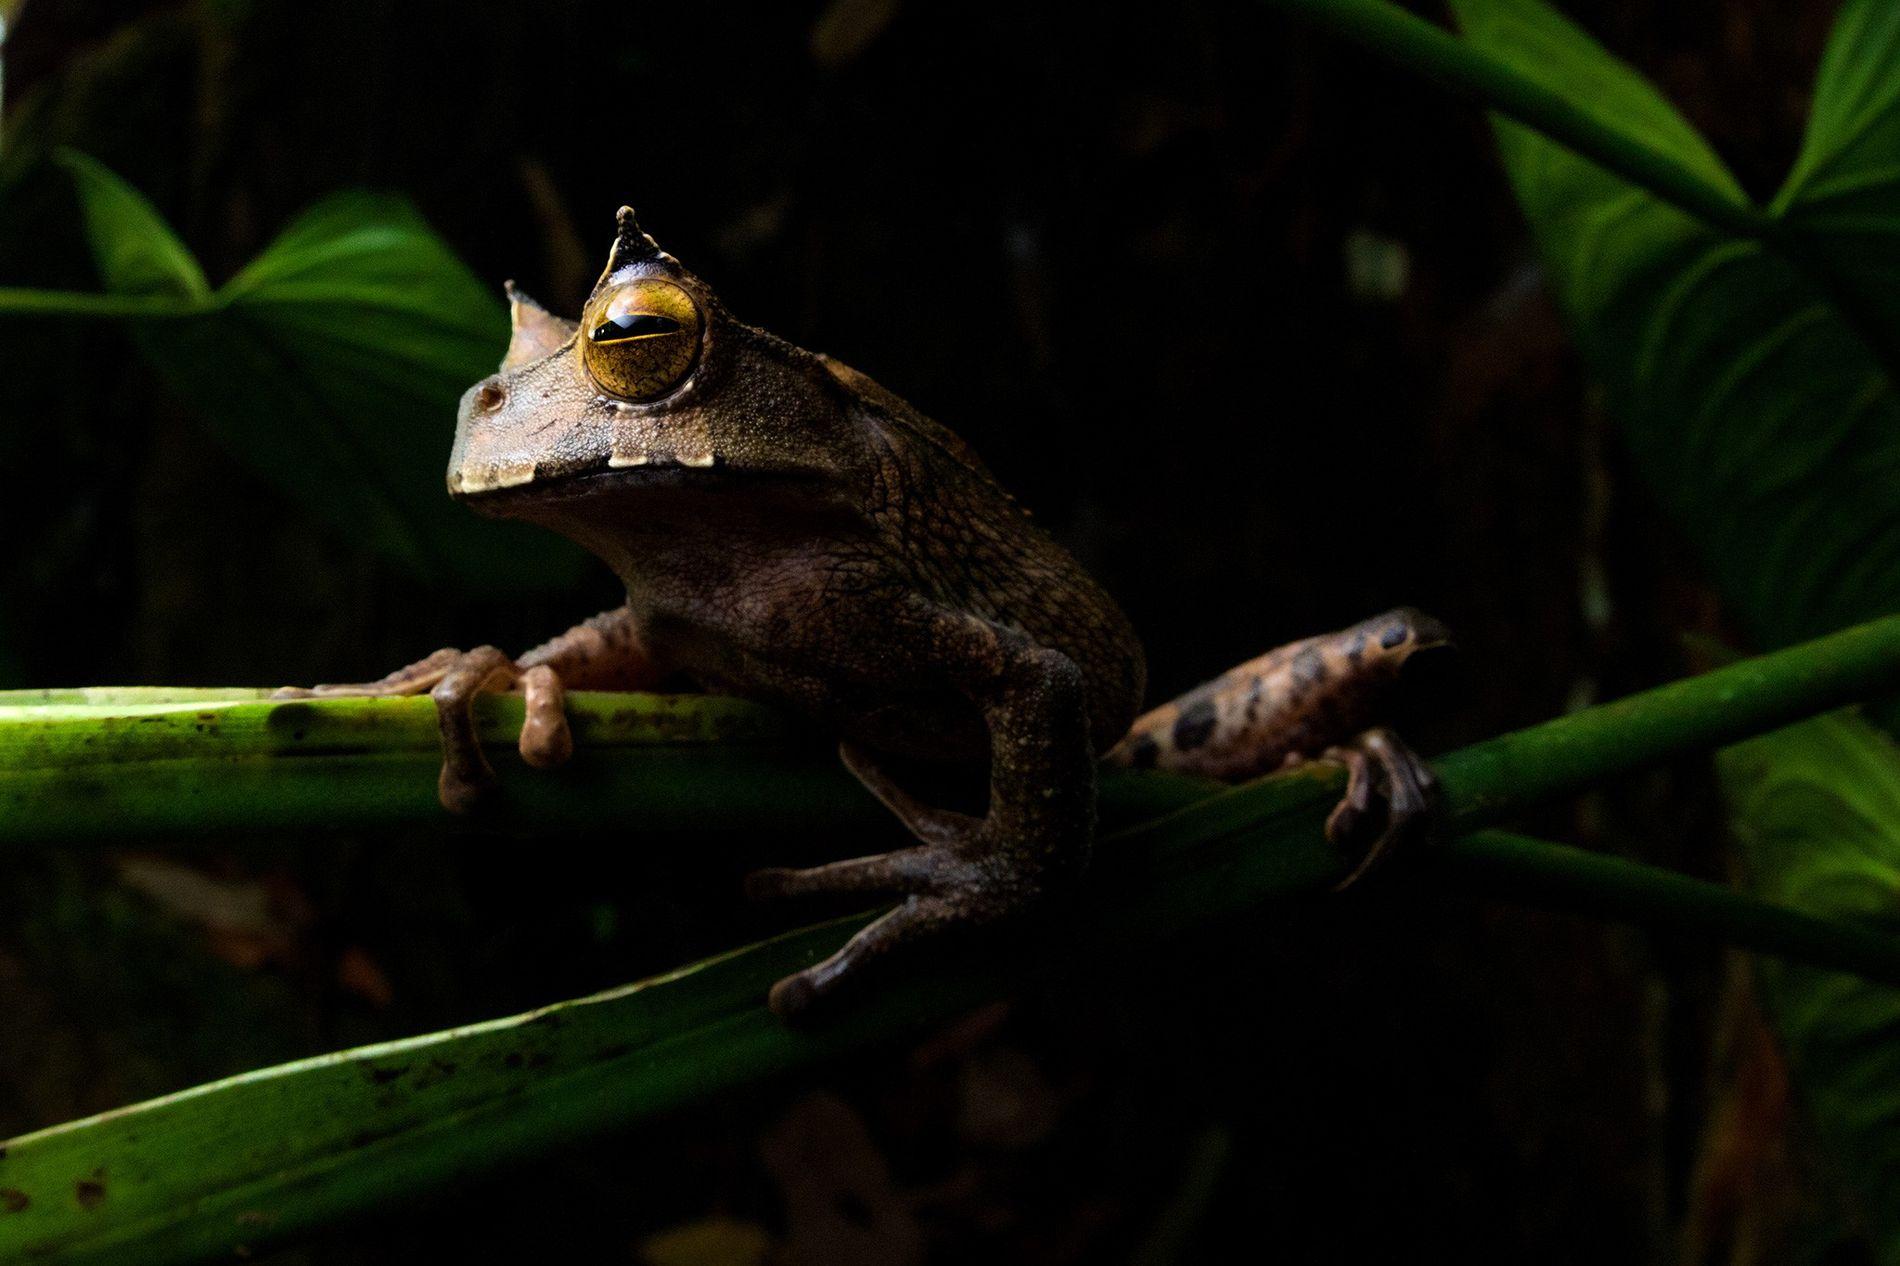 La rana marsupial cornuda (Gastrotheca cornuta) es un anfibio nocturno que vive en las copas de los árboles de las selvas tropicales en buen estado. Su continuidad en el oeste de Ecuador se complica por la pérdida de hábitat, sobre todo por los cultivos de palma aceitera, la tala y la minería.